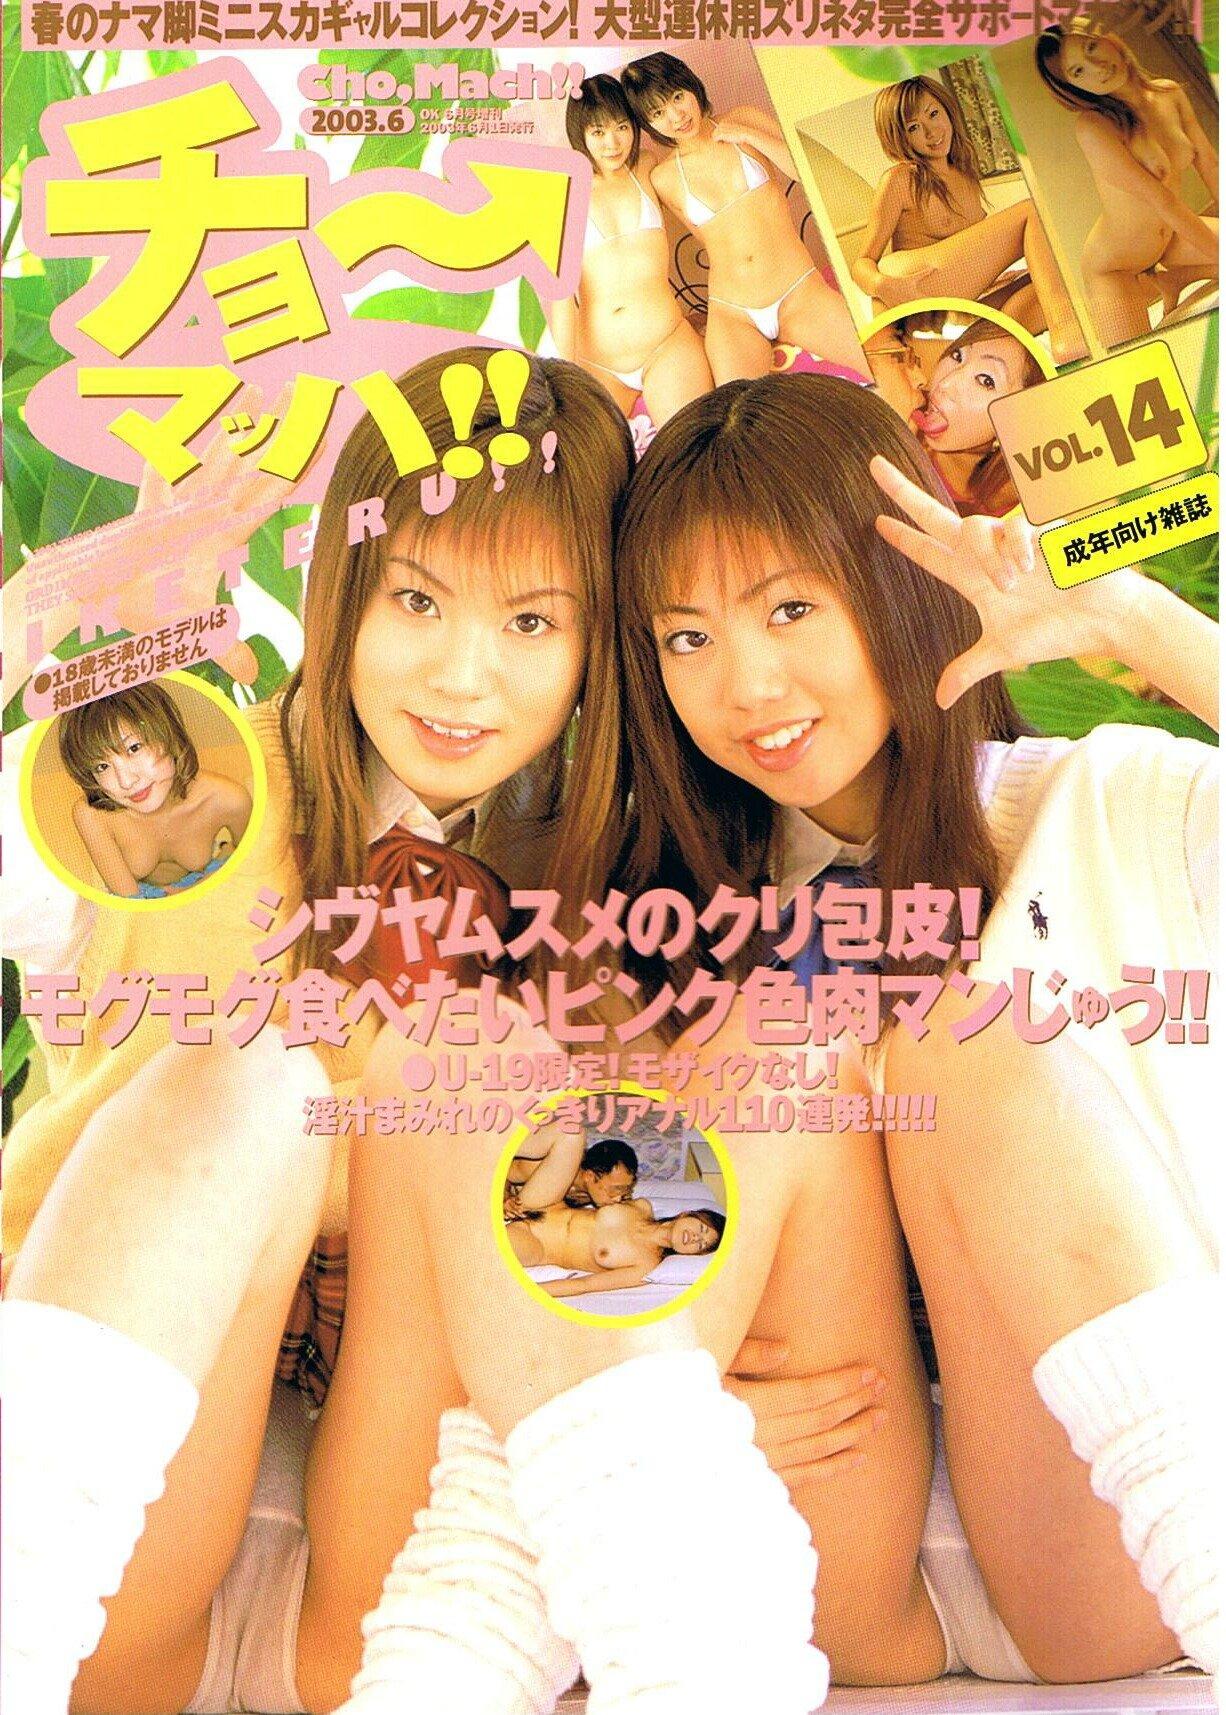 高岡初美 AV チョ~マッハ!!IKETERU 2003年 06月号 VOL.14 | 東京三世社 |本 | 通販 | Amazon